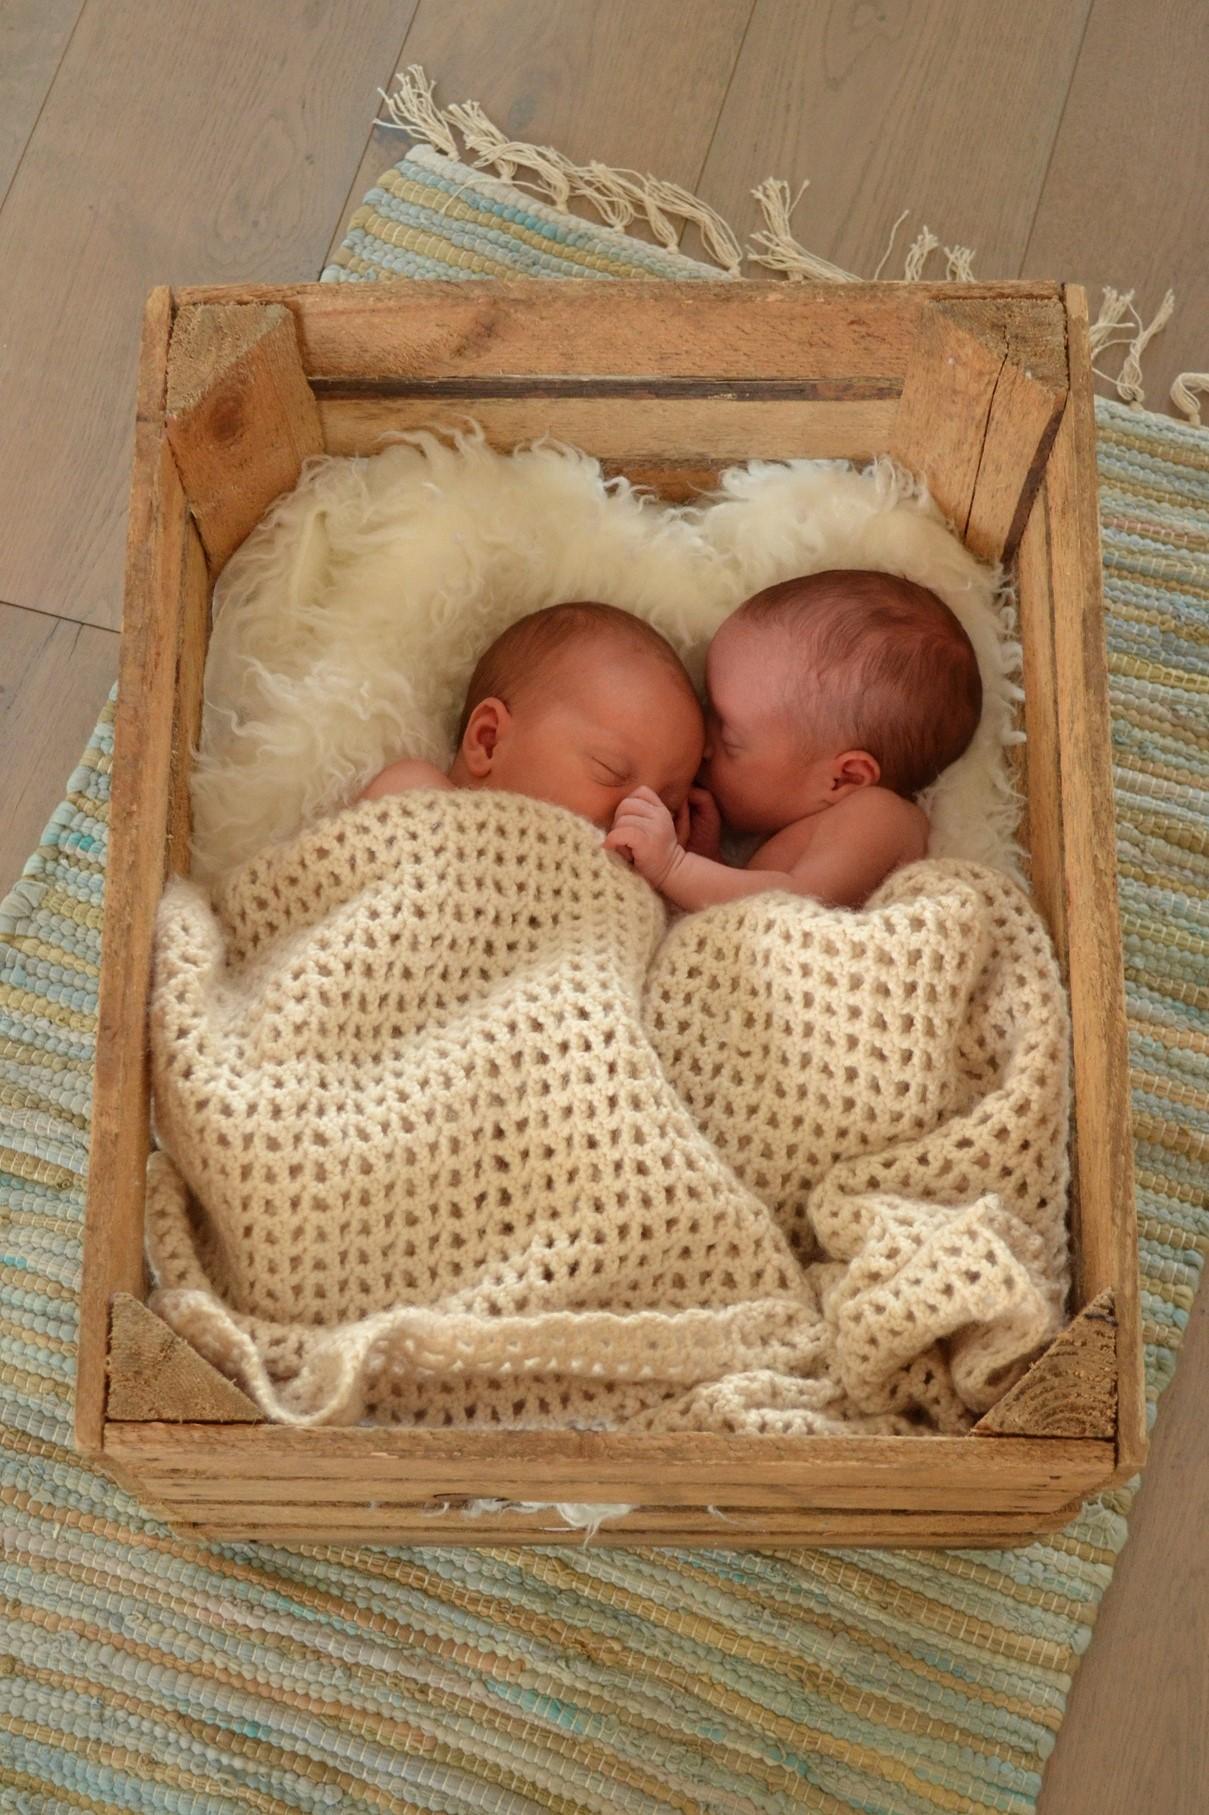 twee eiige tweeling, tweelingmama, jongensmama, geboorte van een tweeling, babylabel